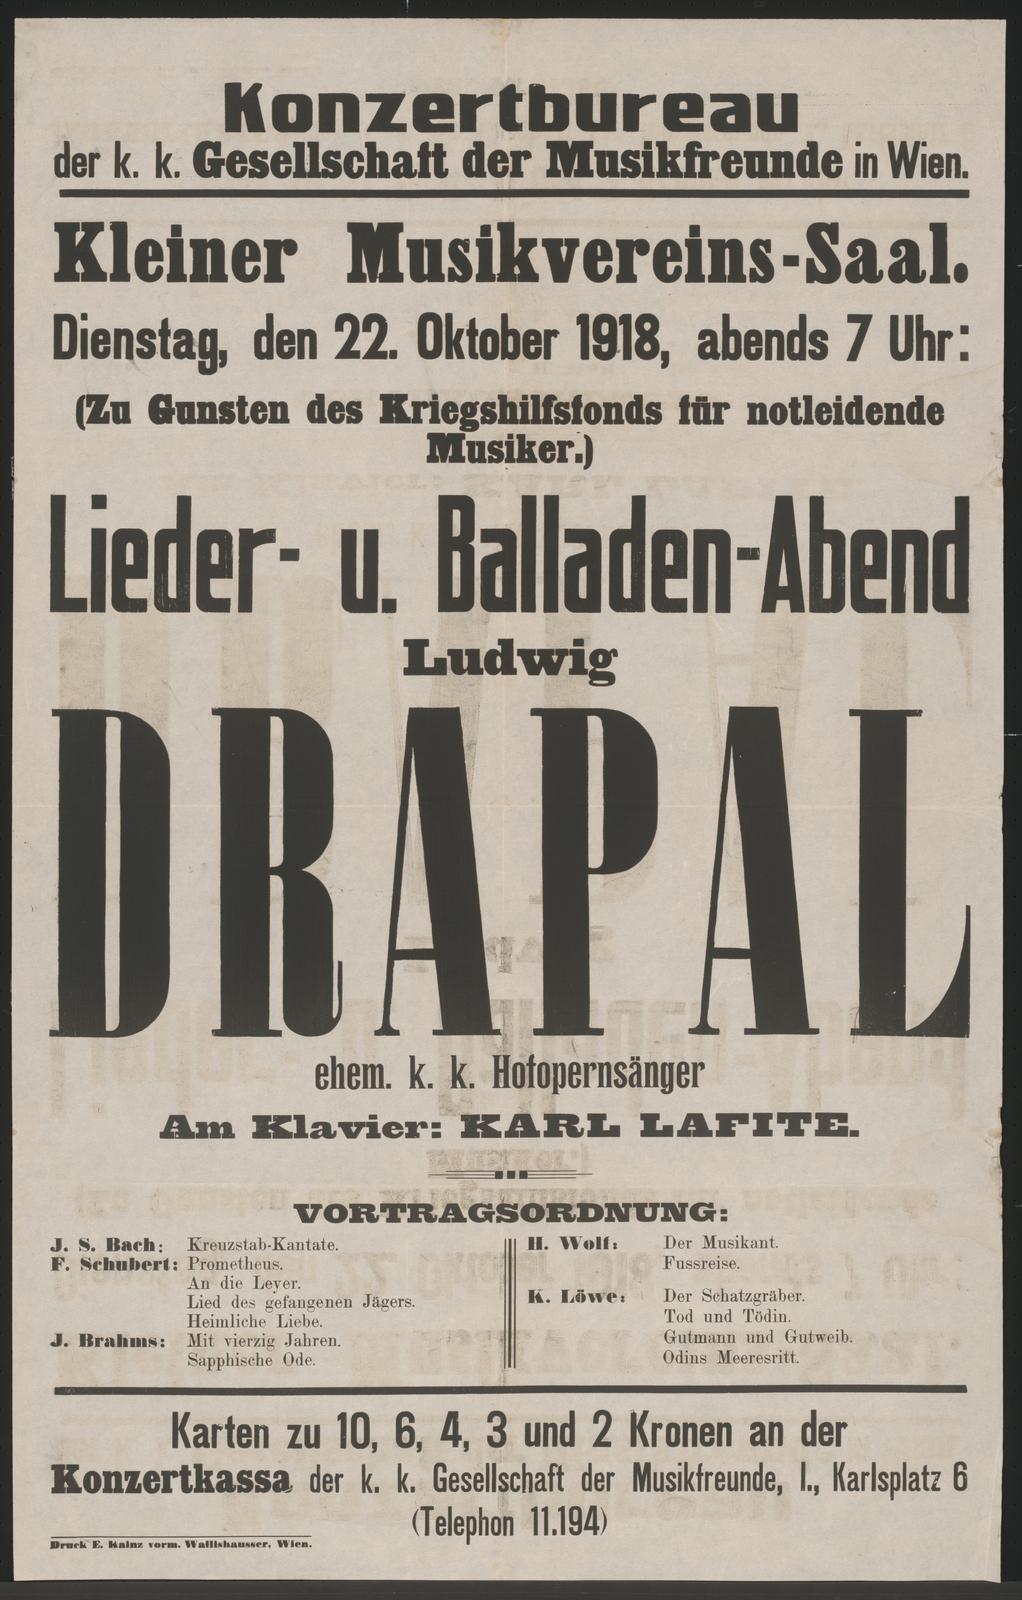 Ludwig Drapal - Lieder- und Balladen-Abend - Kleiner Musikvereins-Saal